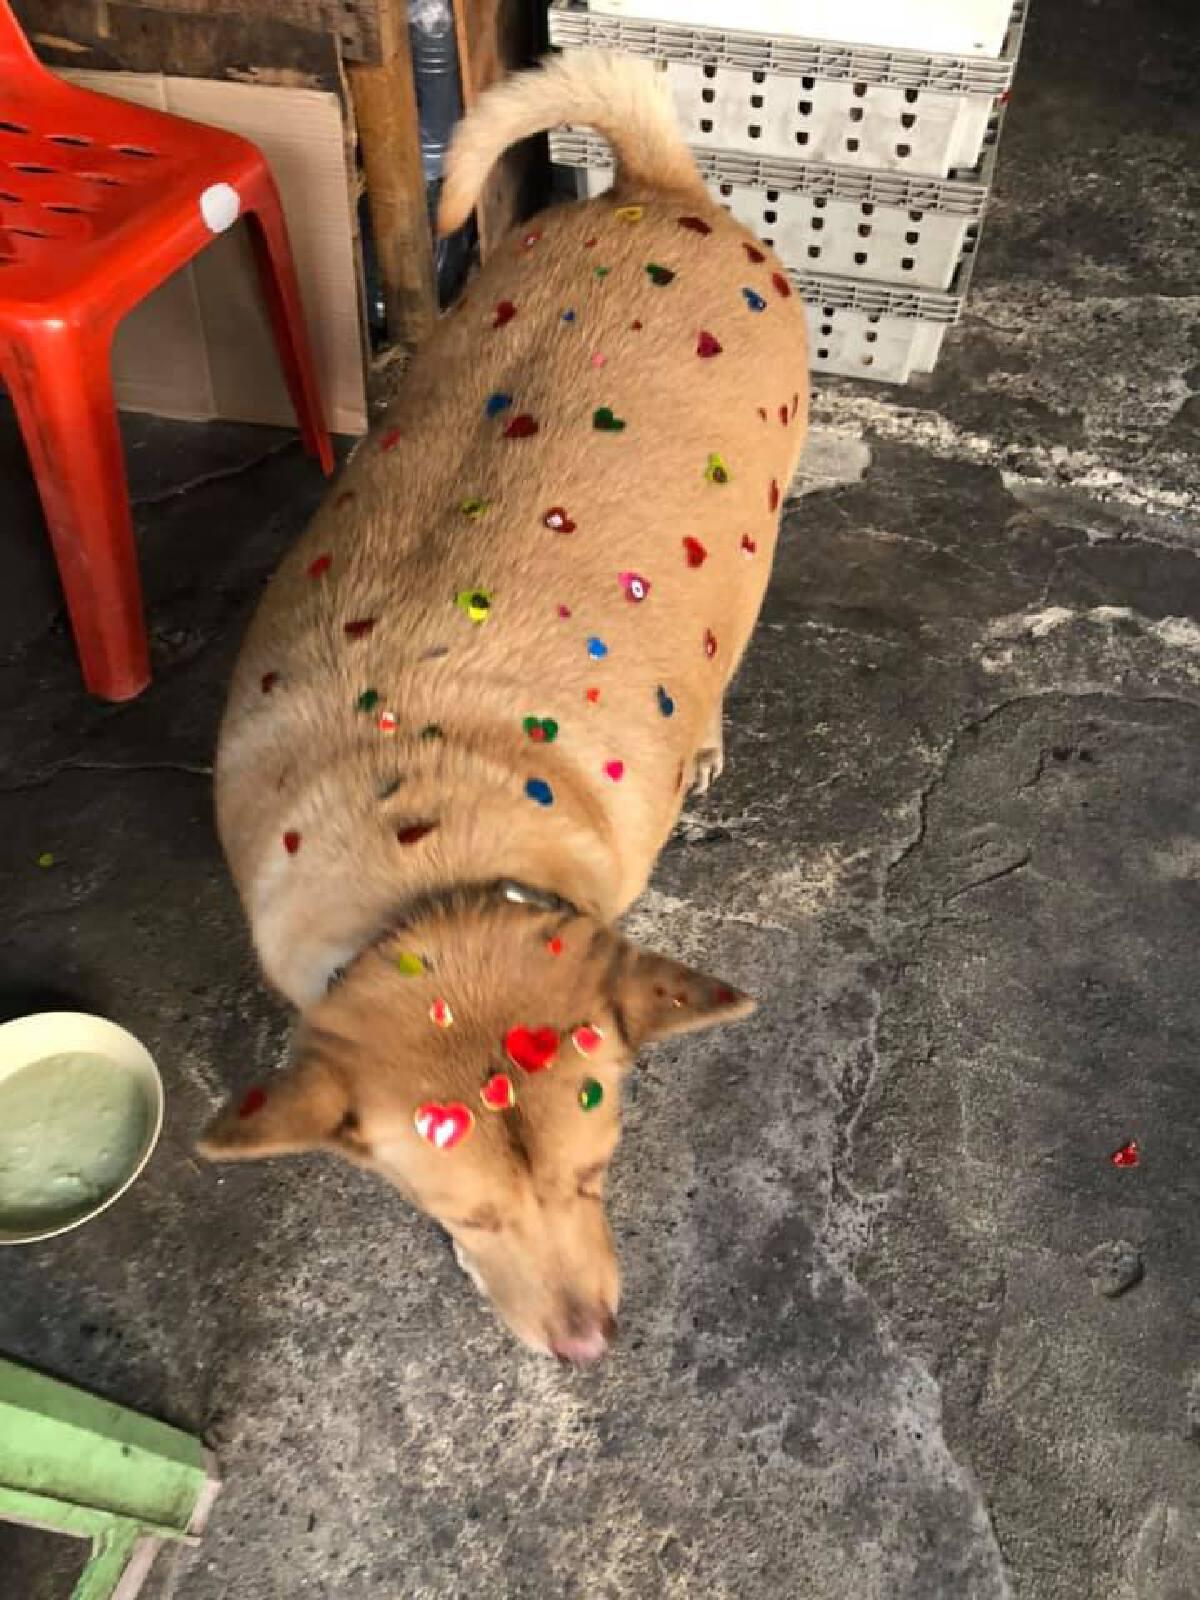 โซเชียลแห่แชร์ภาพ หมาอ้วนถูกติด